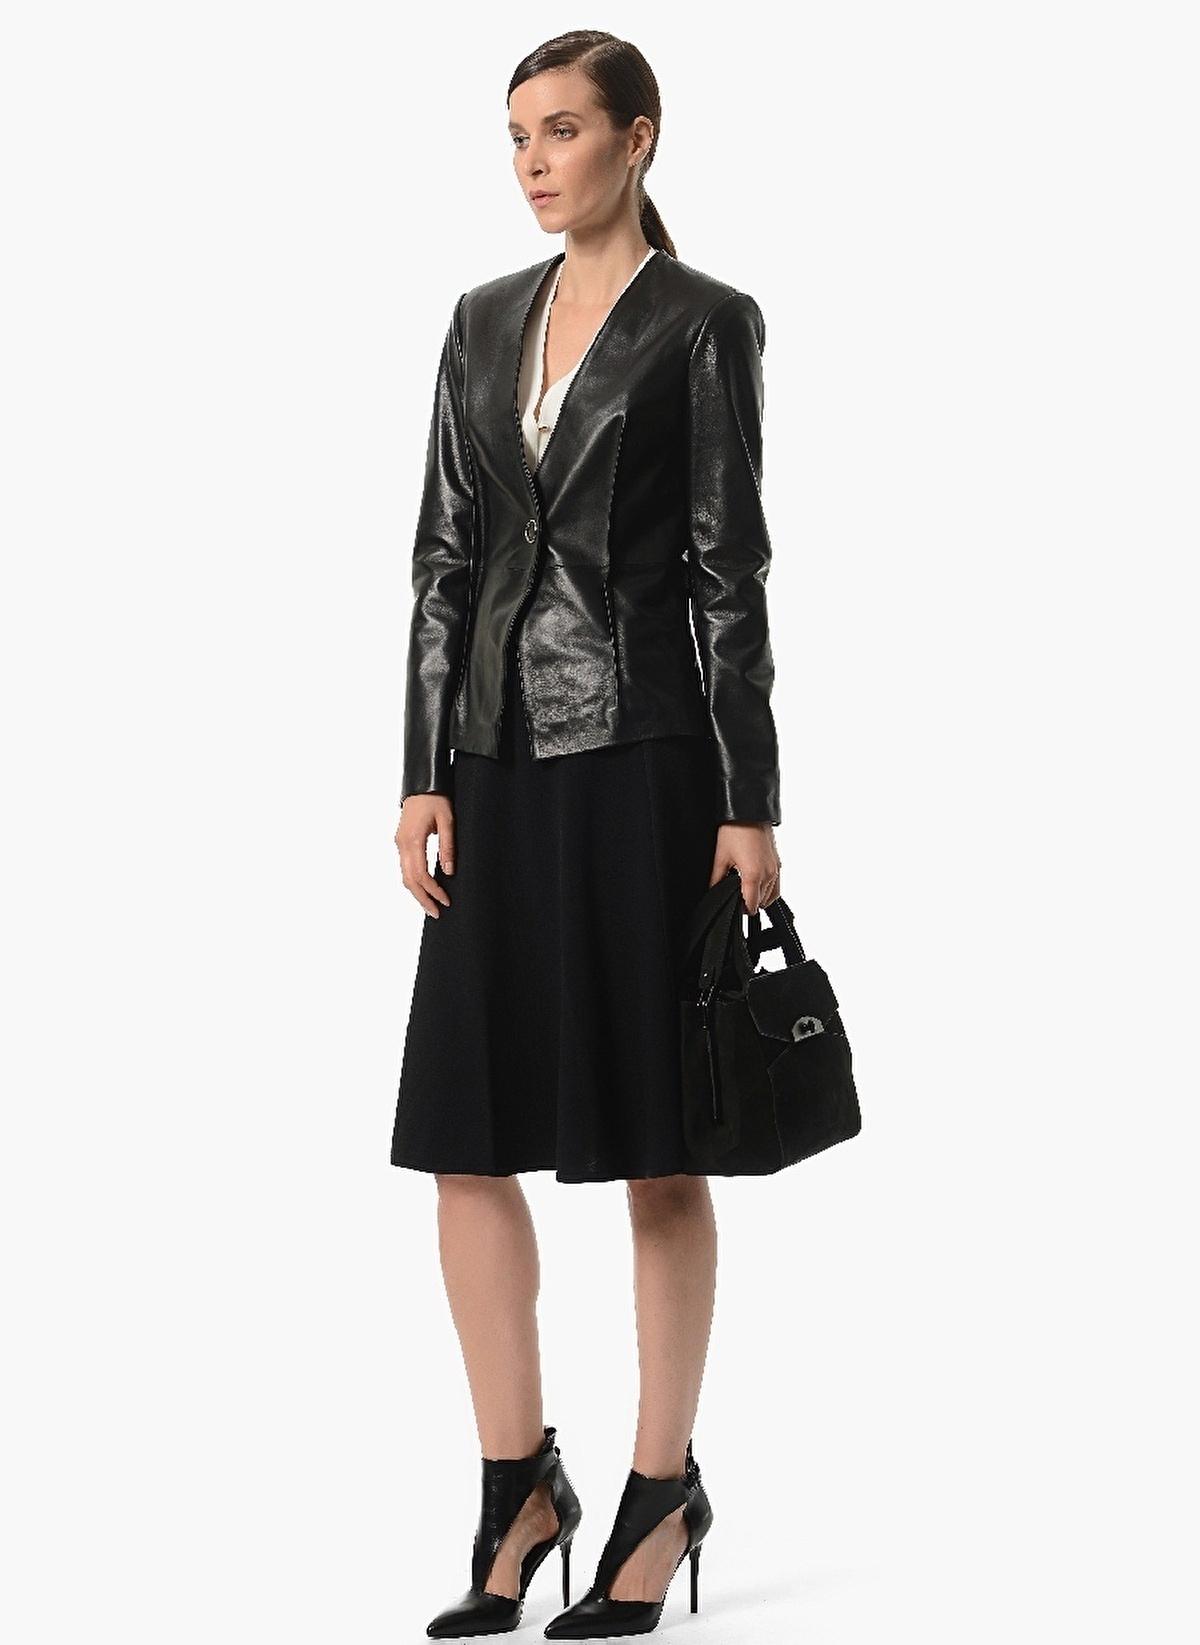 LTB kadın, erkek ve çocuk giyim ürünlerini satın alabileceğiniz resmi online alışveriş sitesidir.